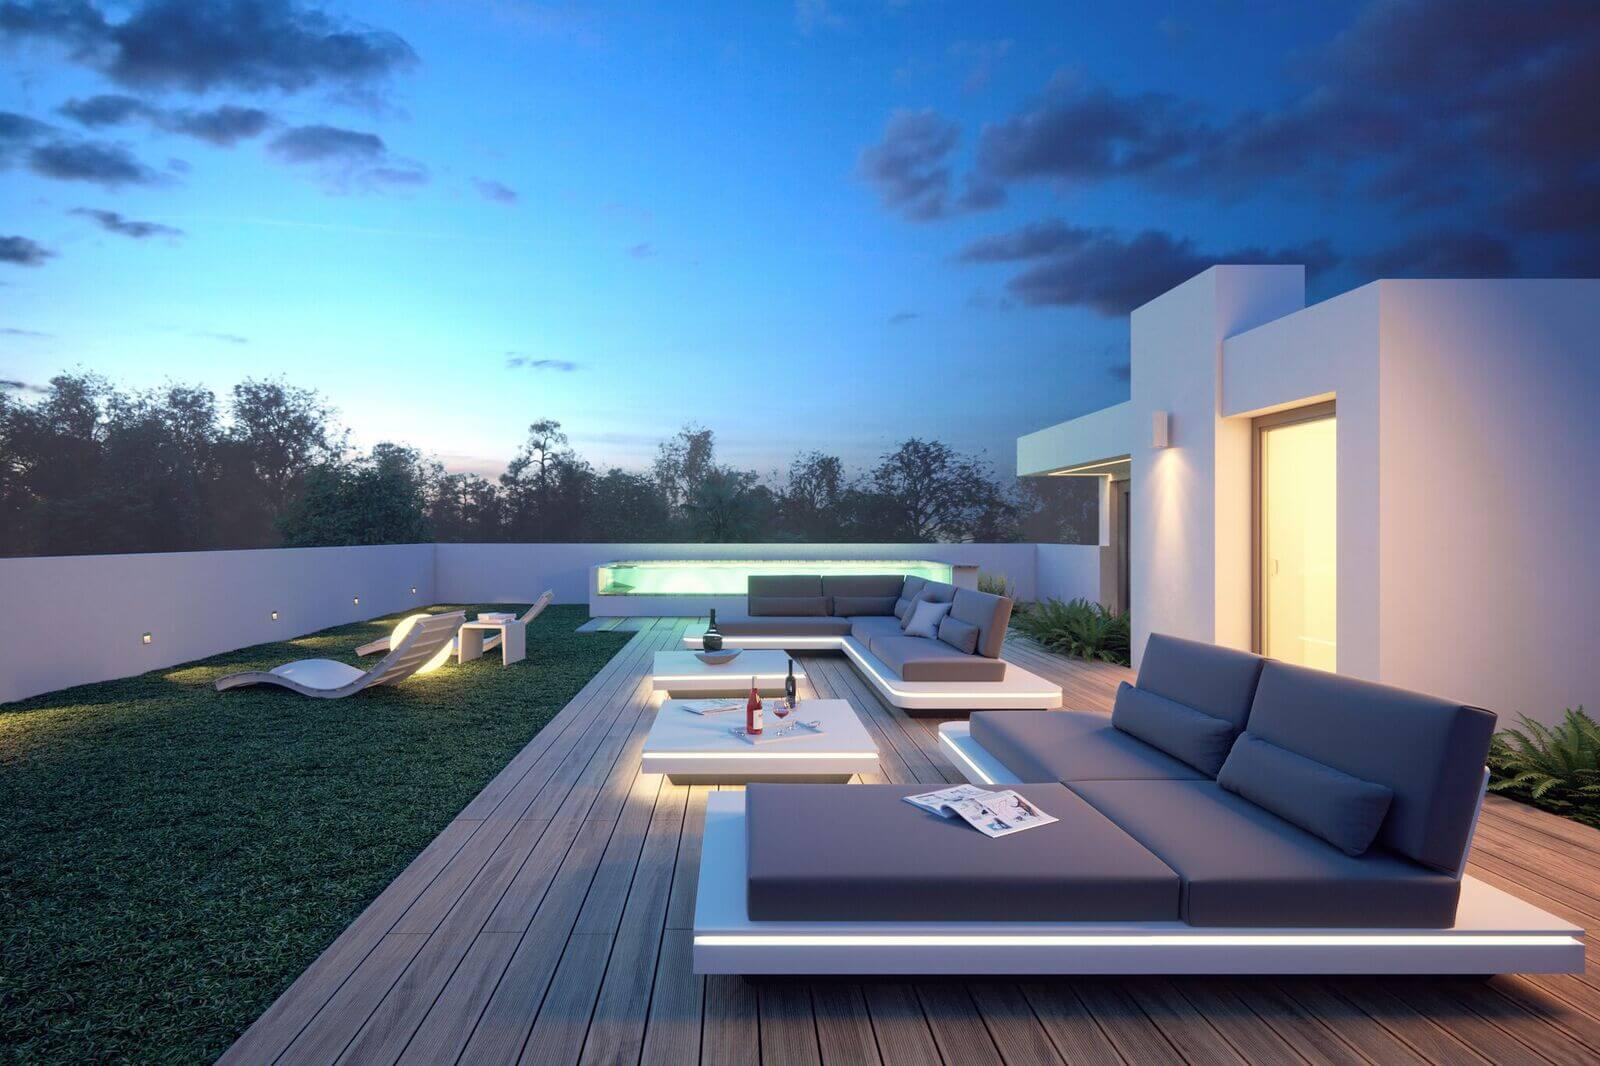 villas gardenias puerto banus nueva andalucia marbella huis te koop moderne villa dakterras